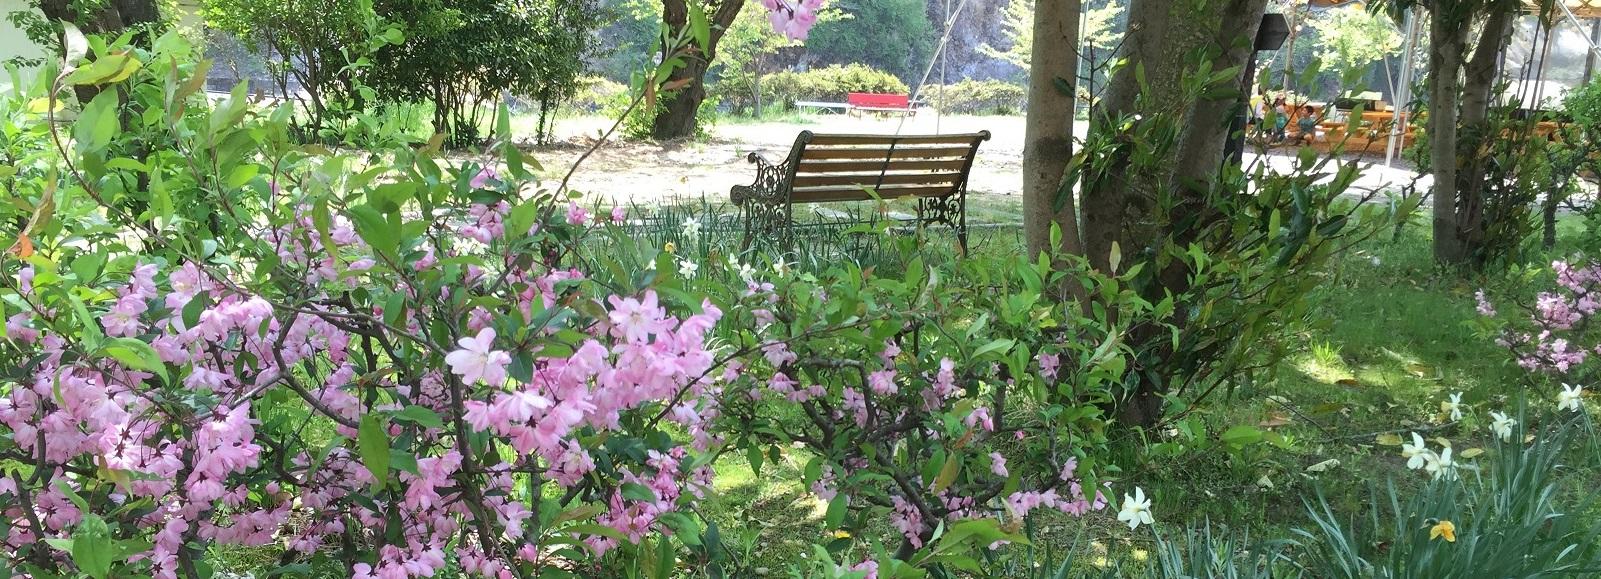 5月 花とベンチ